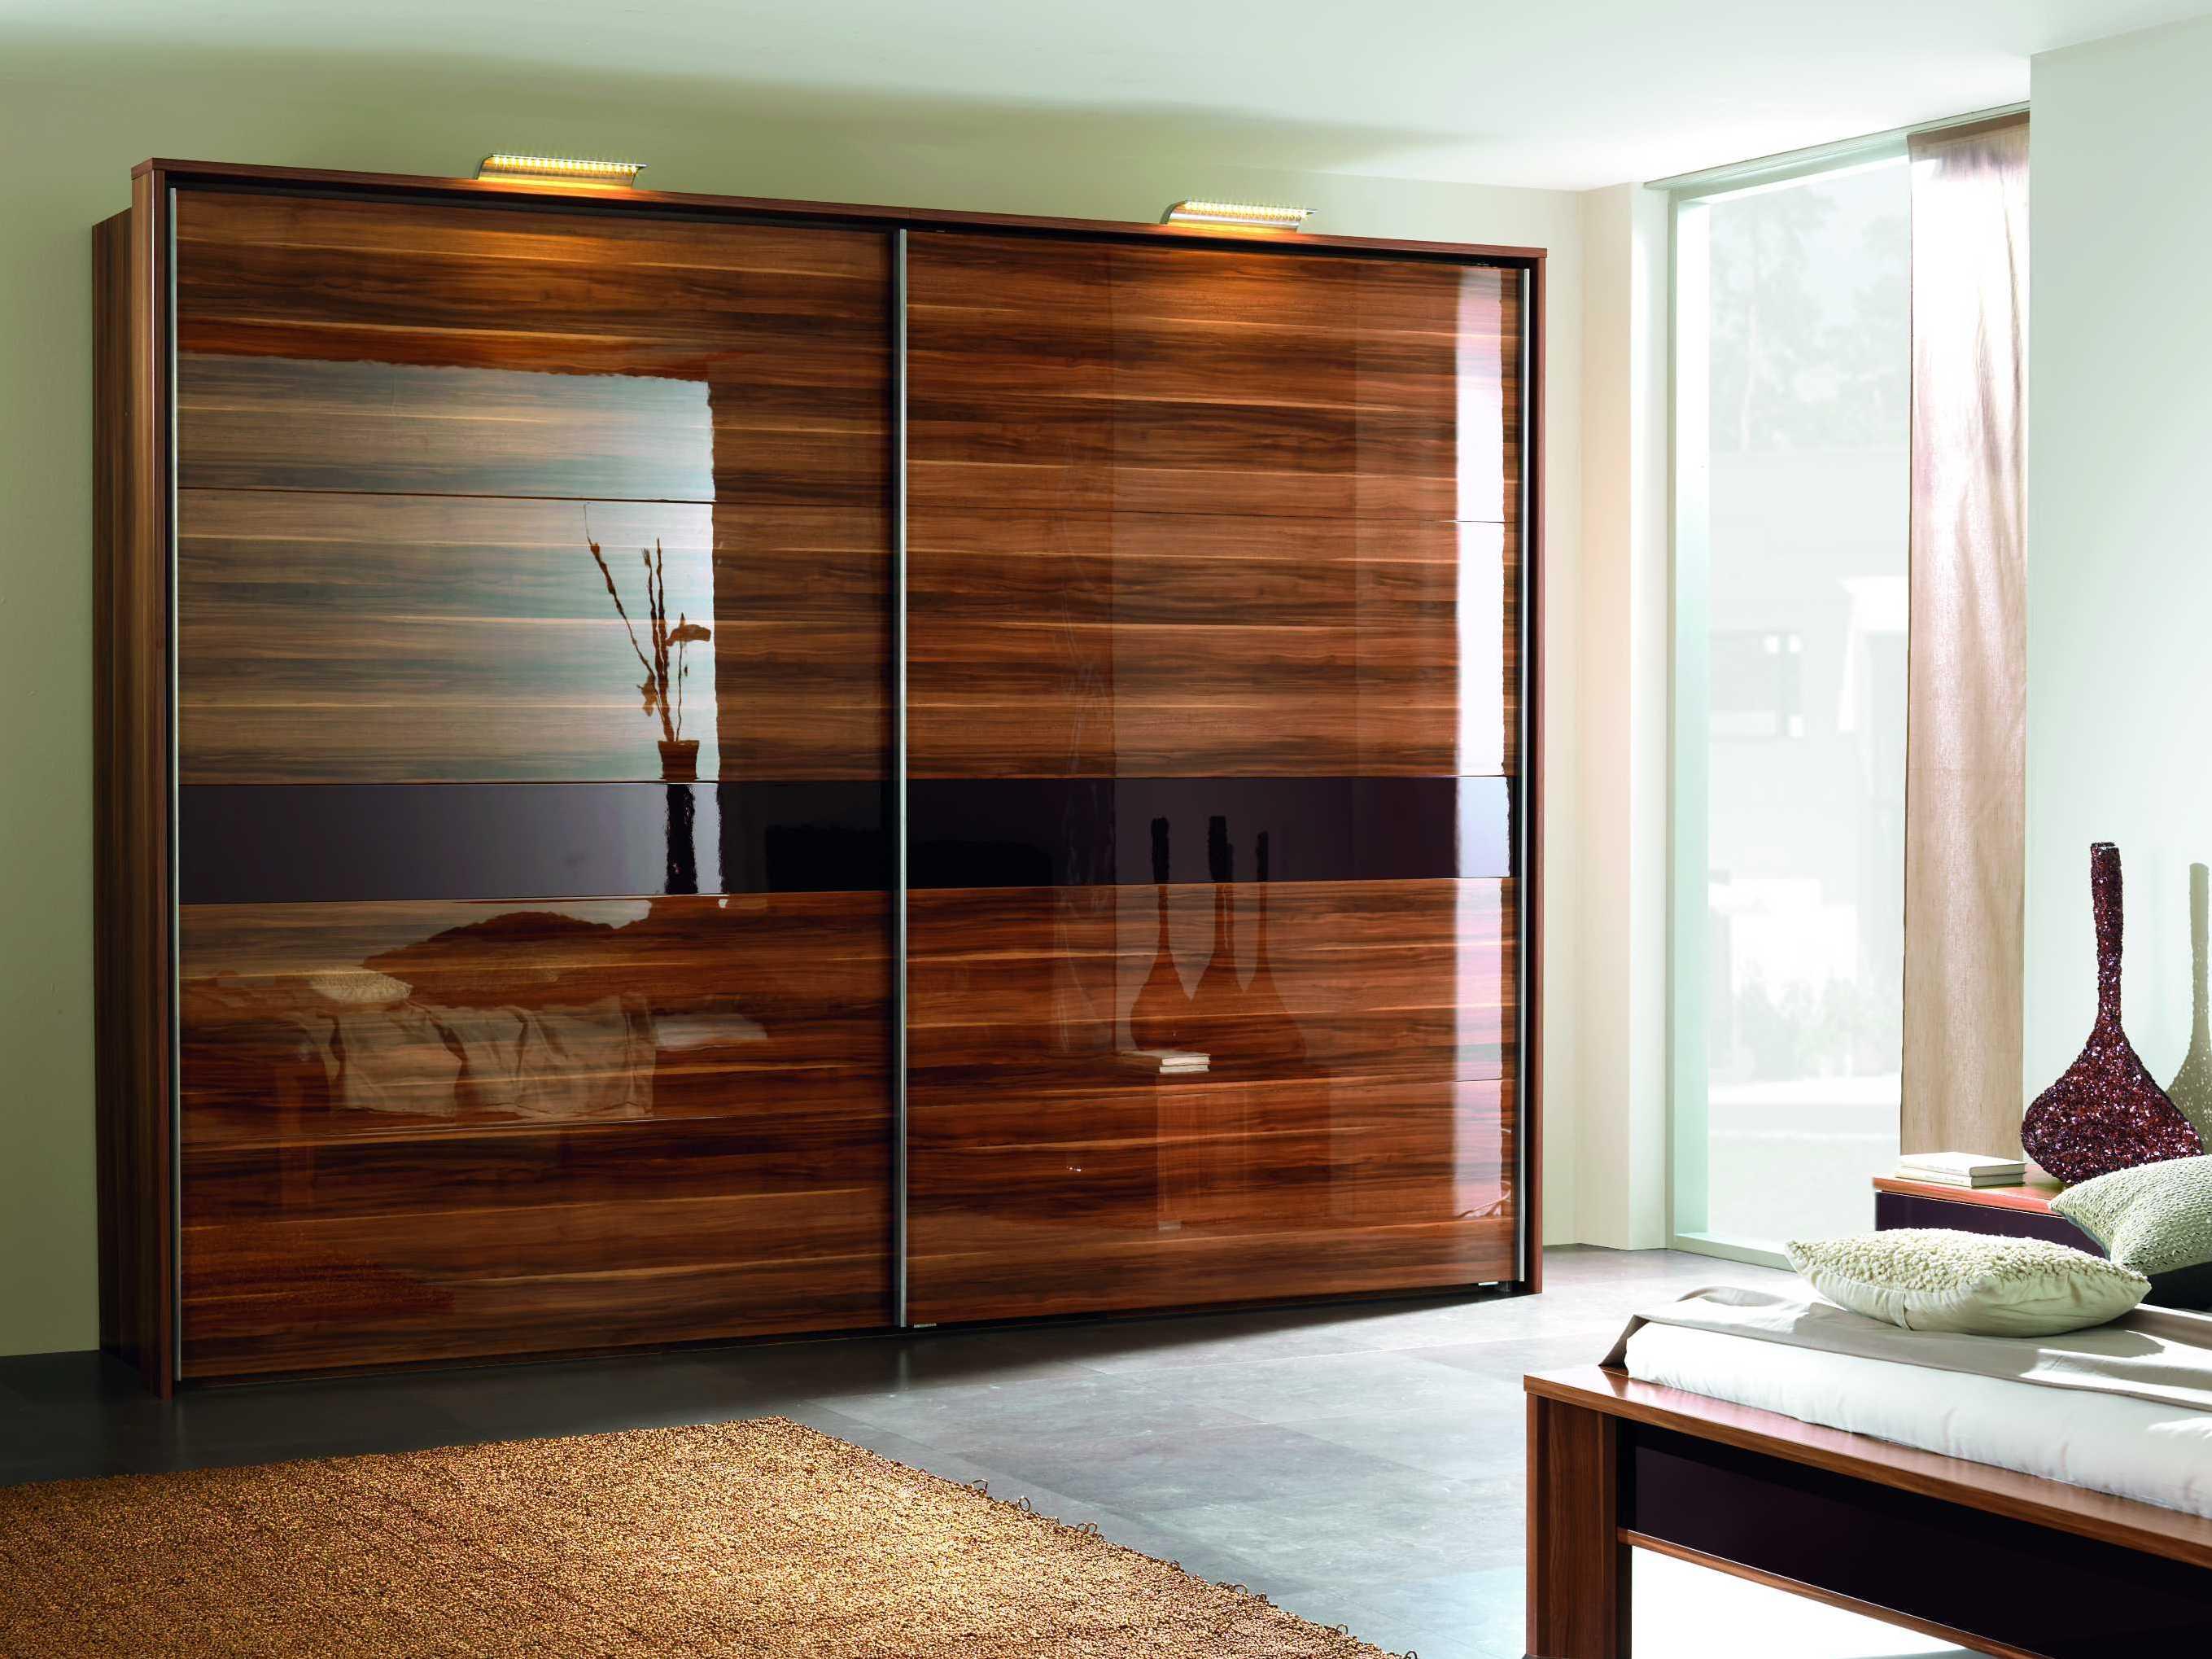 Неповторимый ретро стиль коричневого шкафа купе создает уникальную атмосферу в спальне